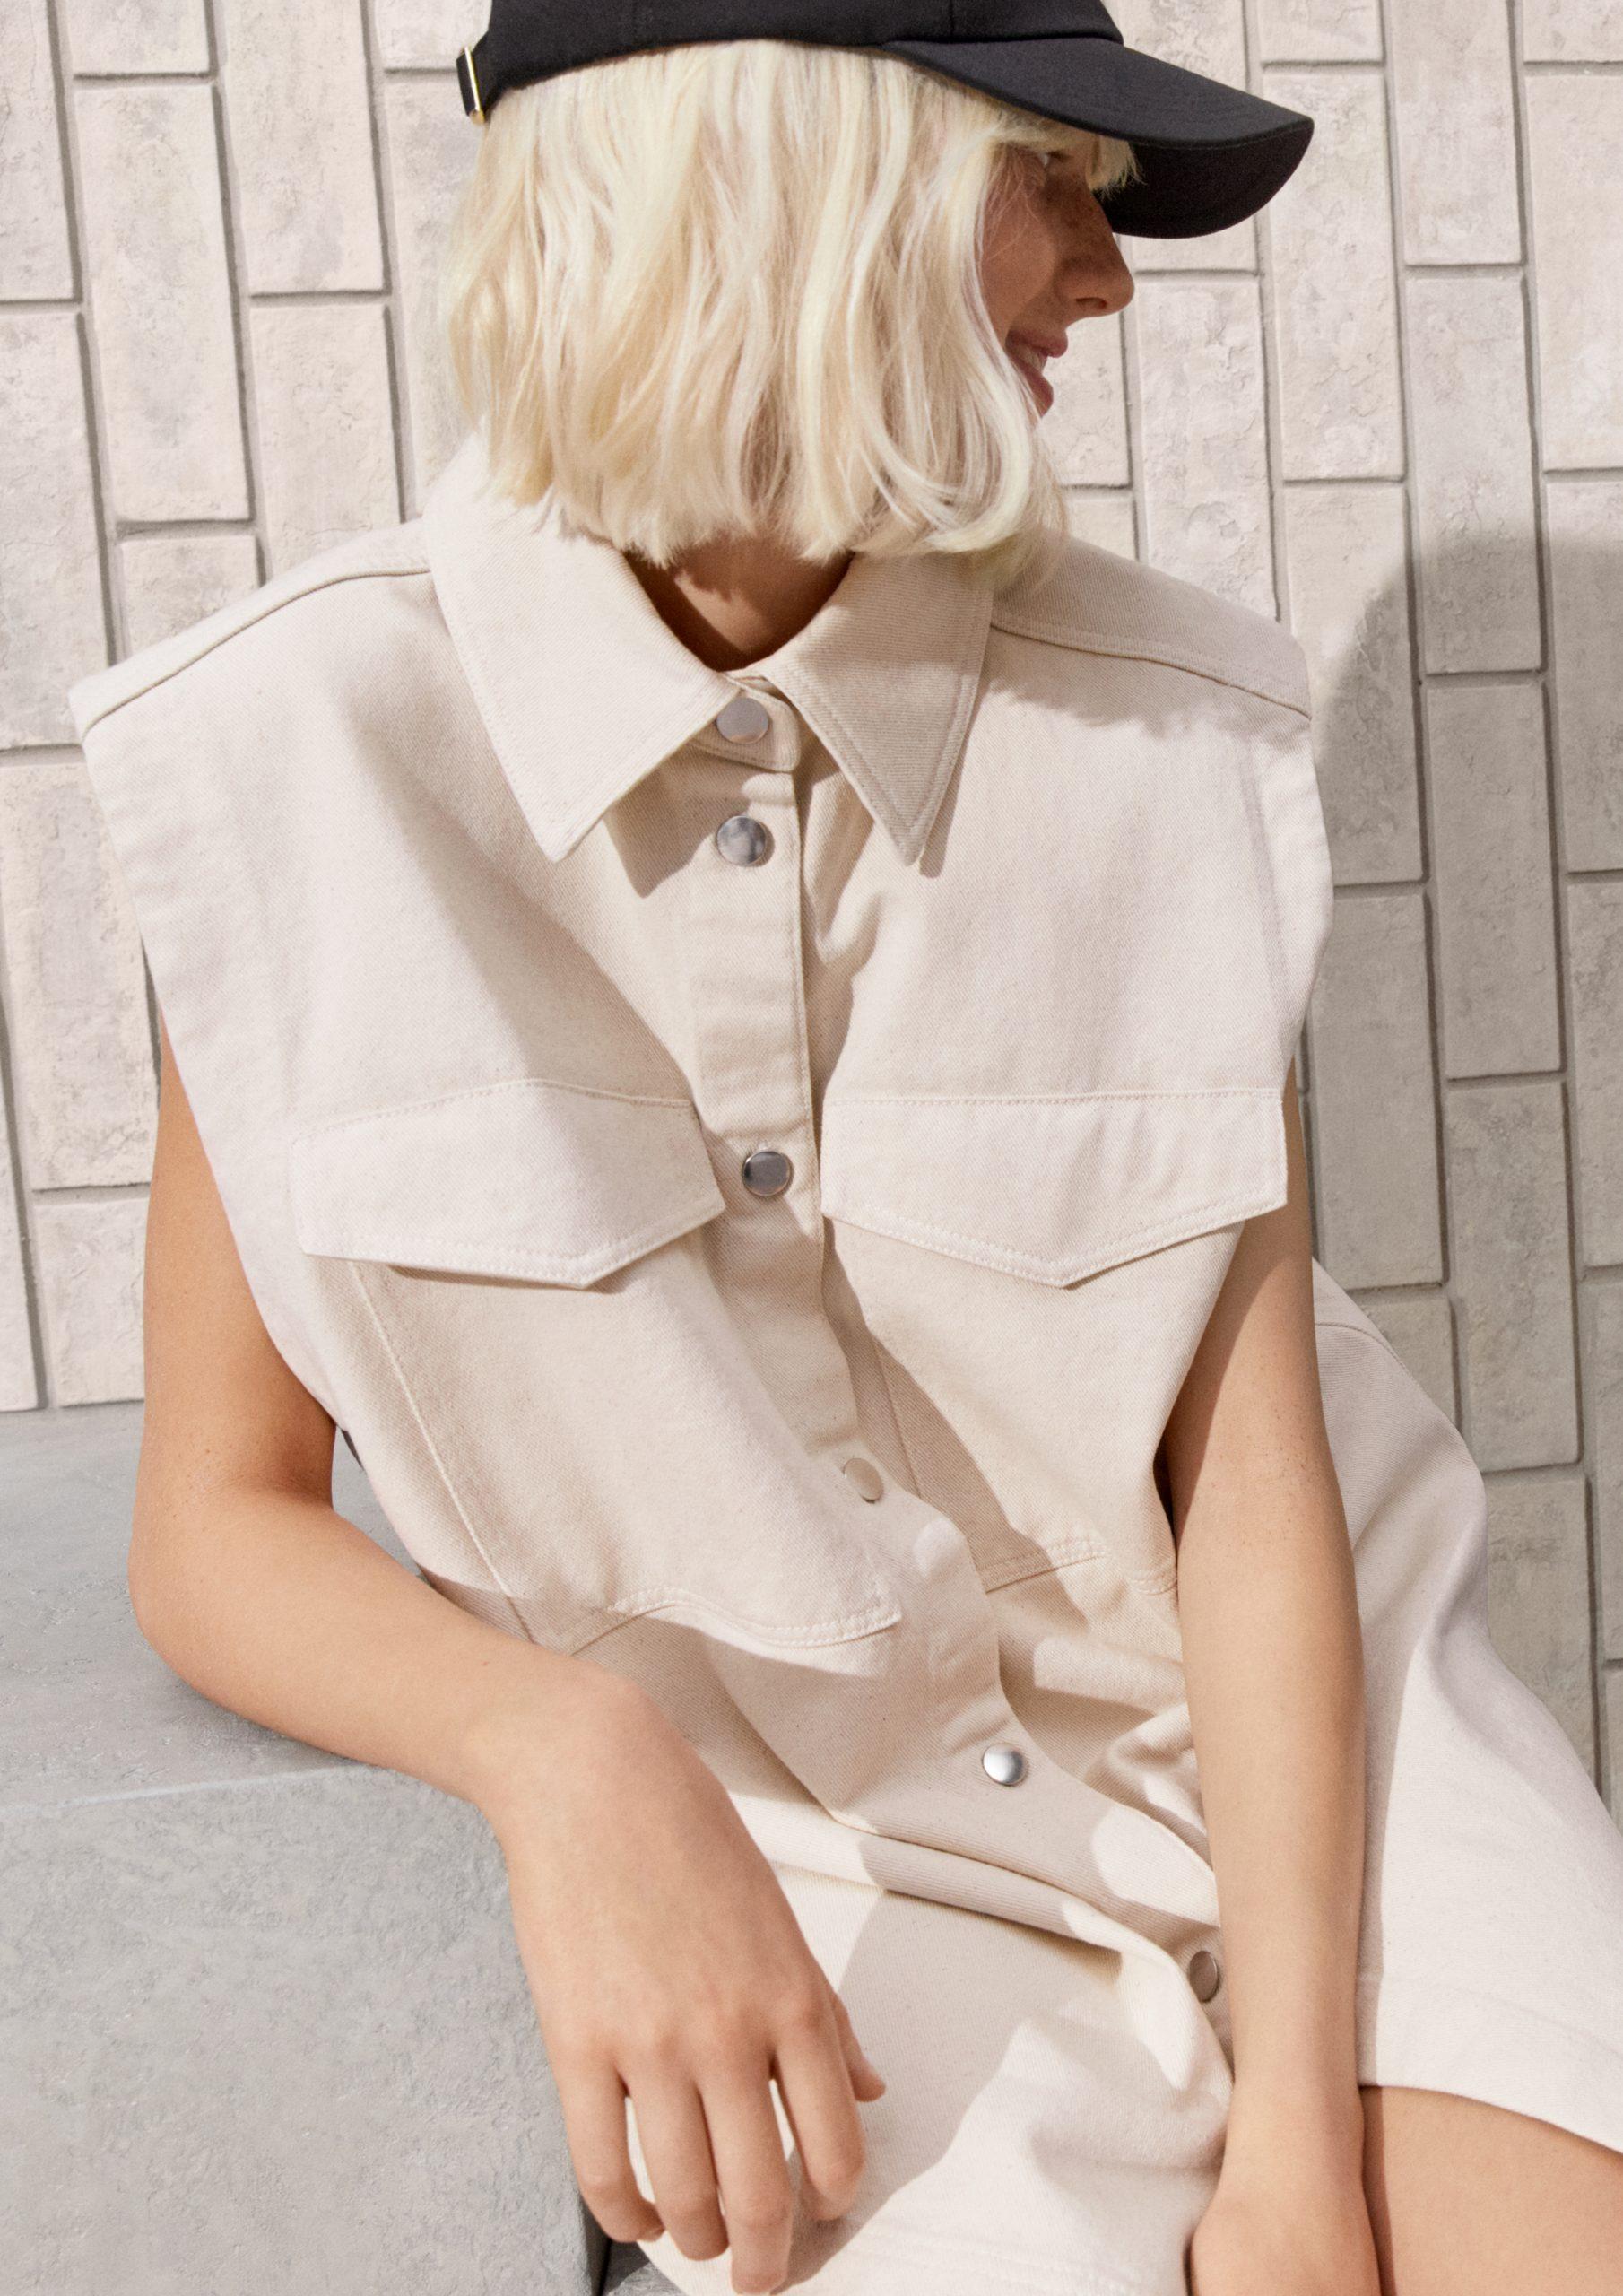 1103-Spring-Fashion-Portrait-Campaign-Images-300ppi-05